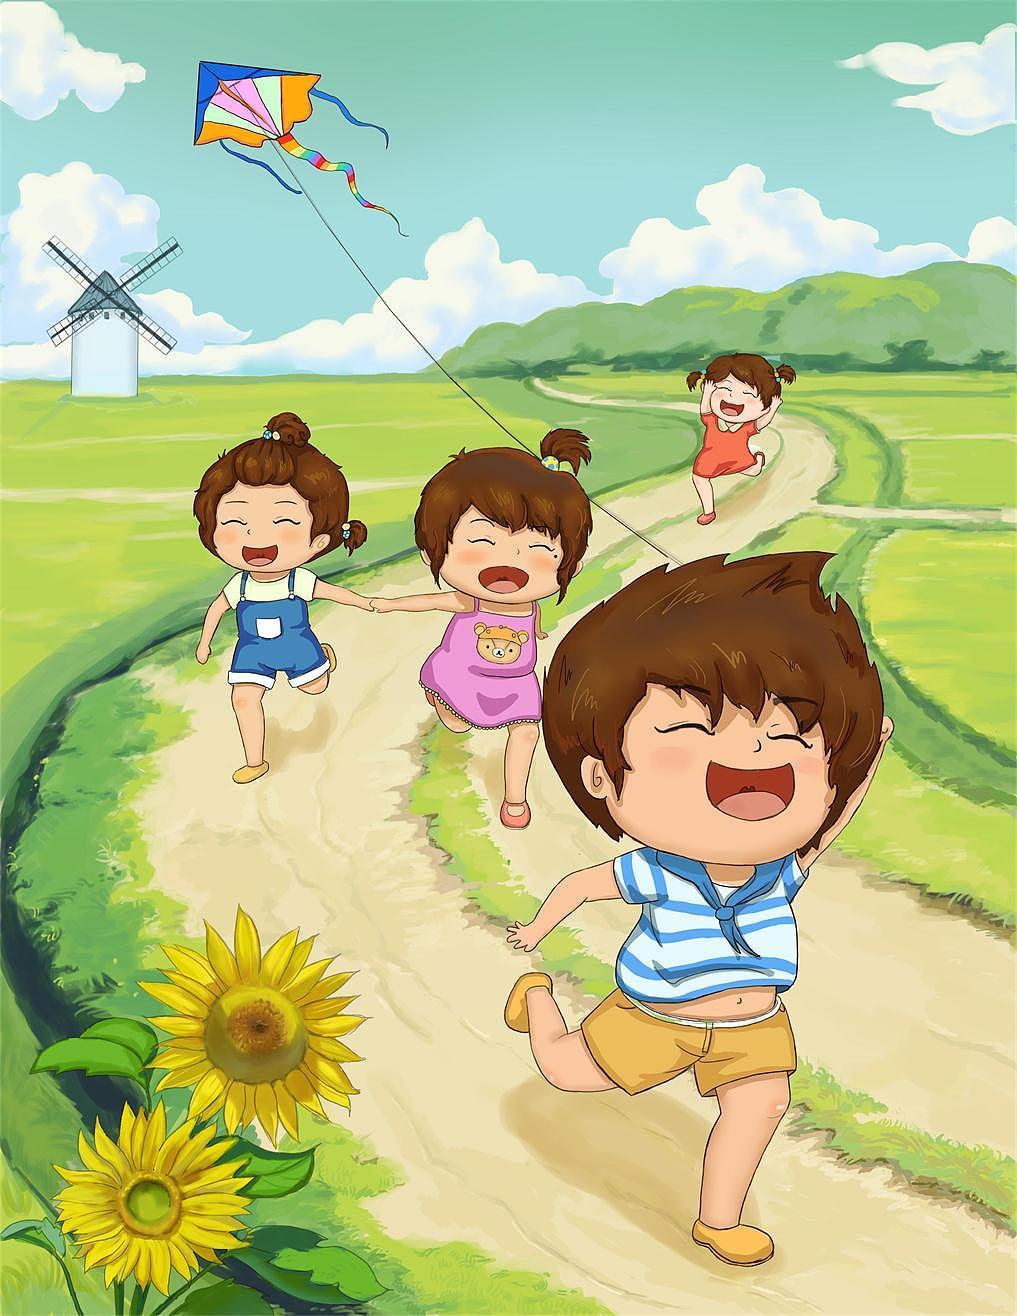 我们都是坏学生�9��z`�9b!_小时候上手工课学会了做风筝,风筝飞上天空的时候我们都乐坏了